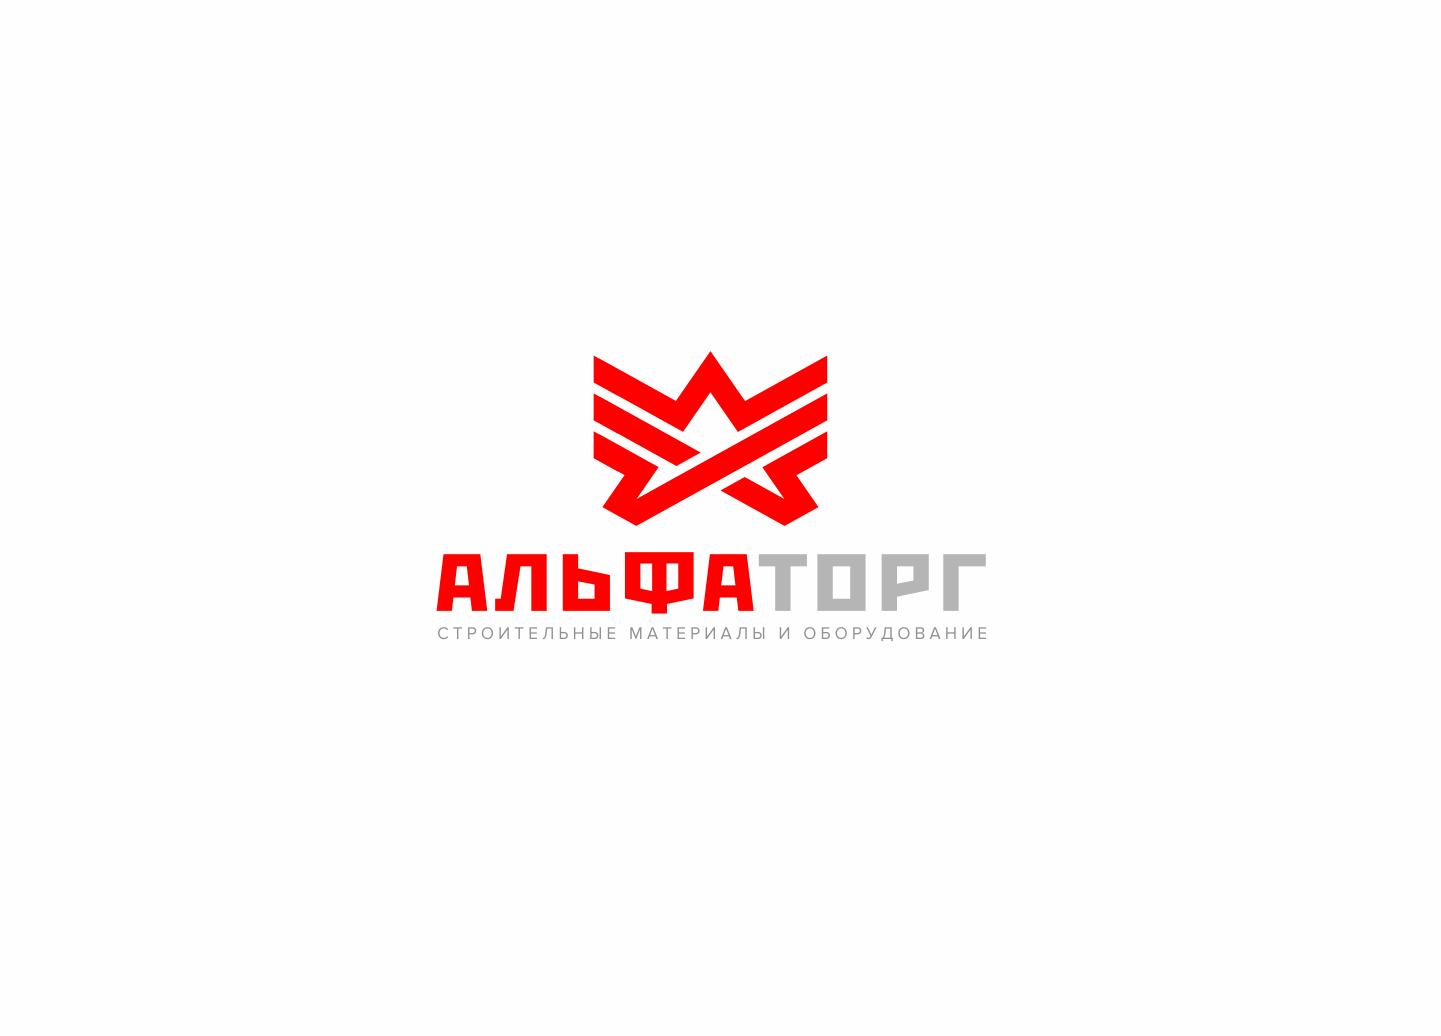 Логотип и фирменный стиль фото f_3415f095e0a3ab25.png